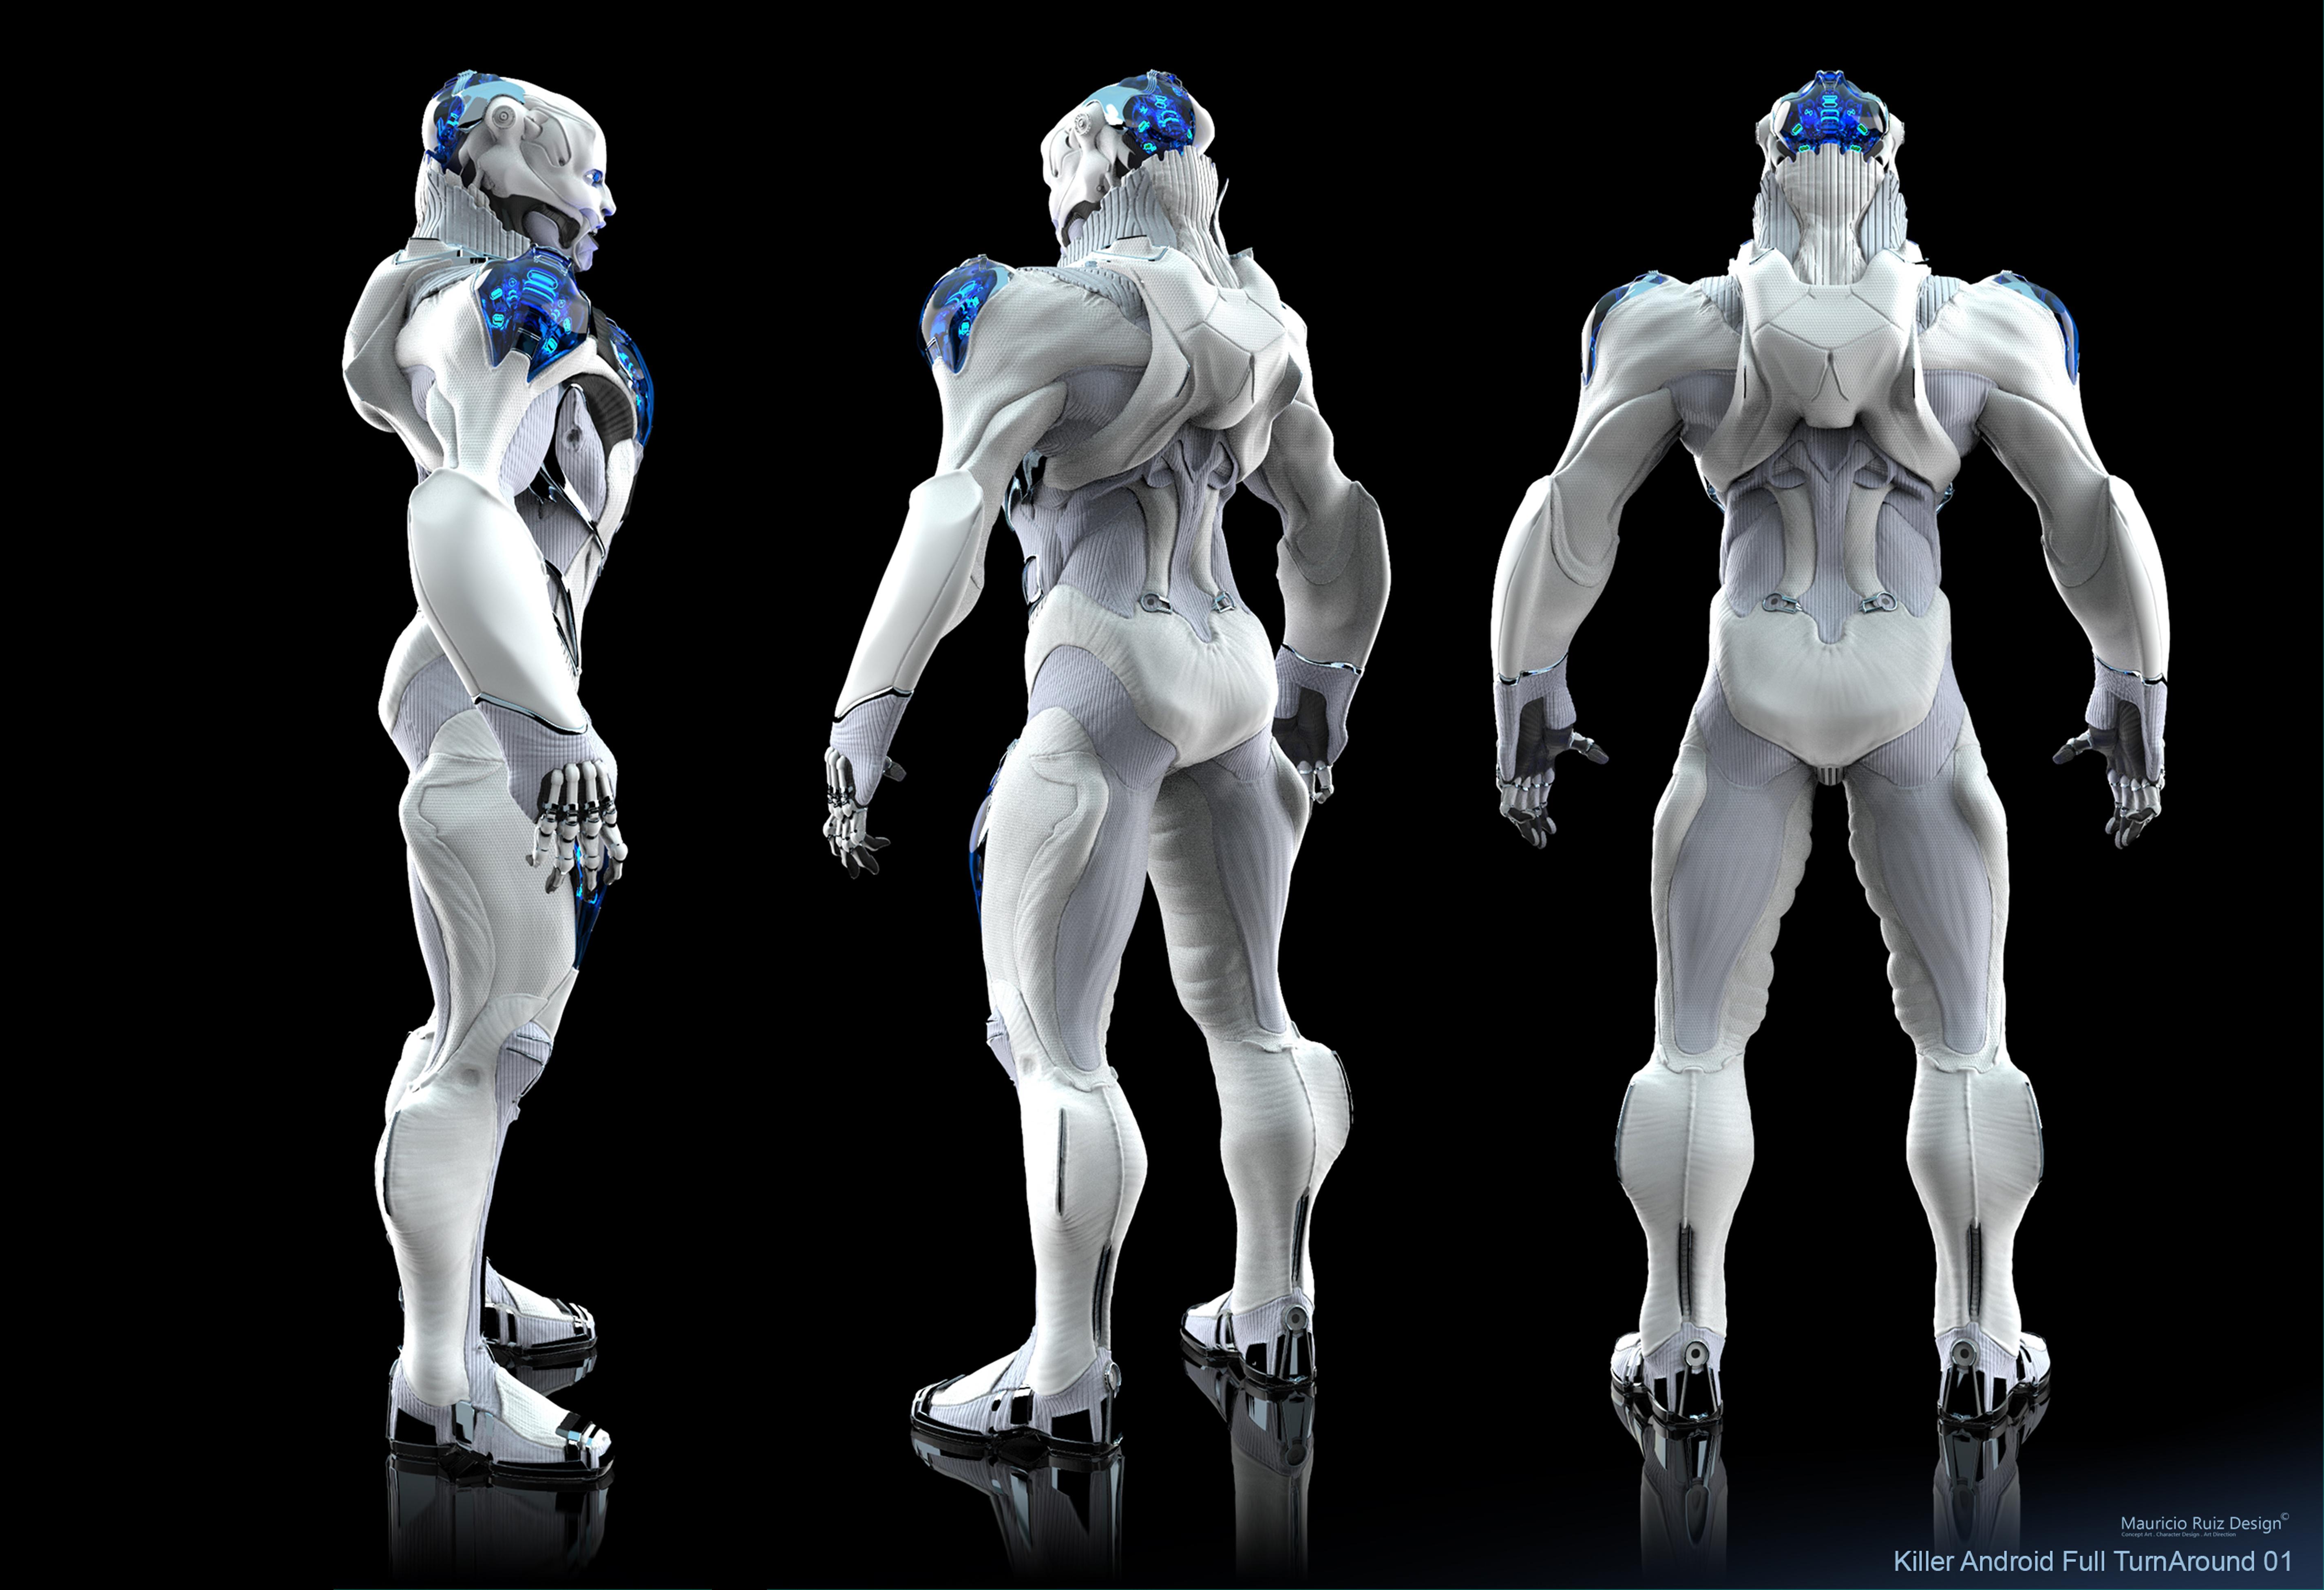 Killer_Robot_Full_TurnAround_01B